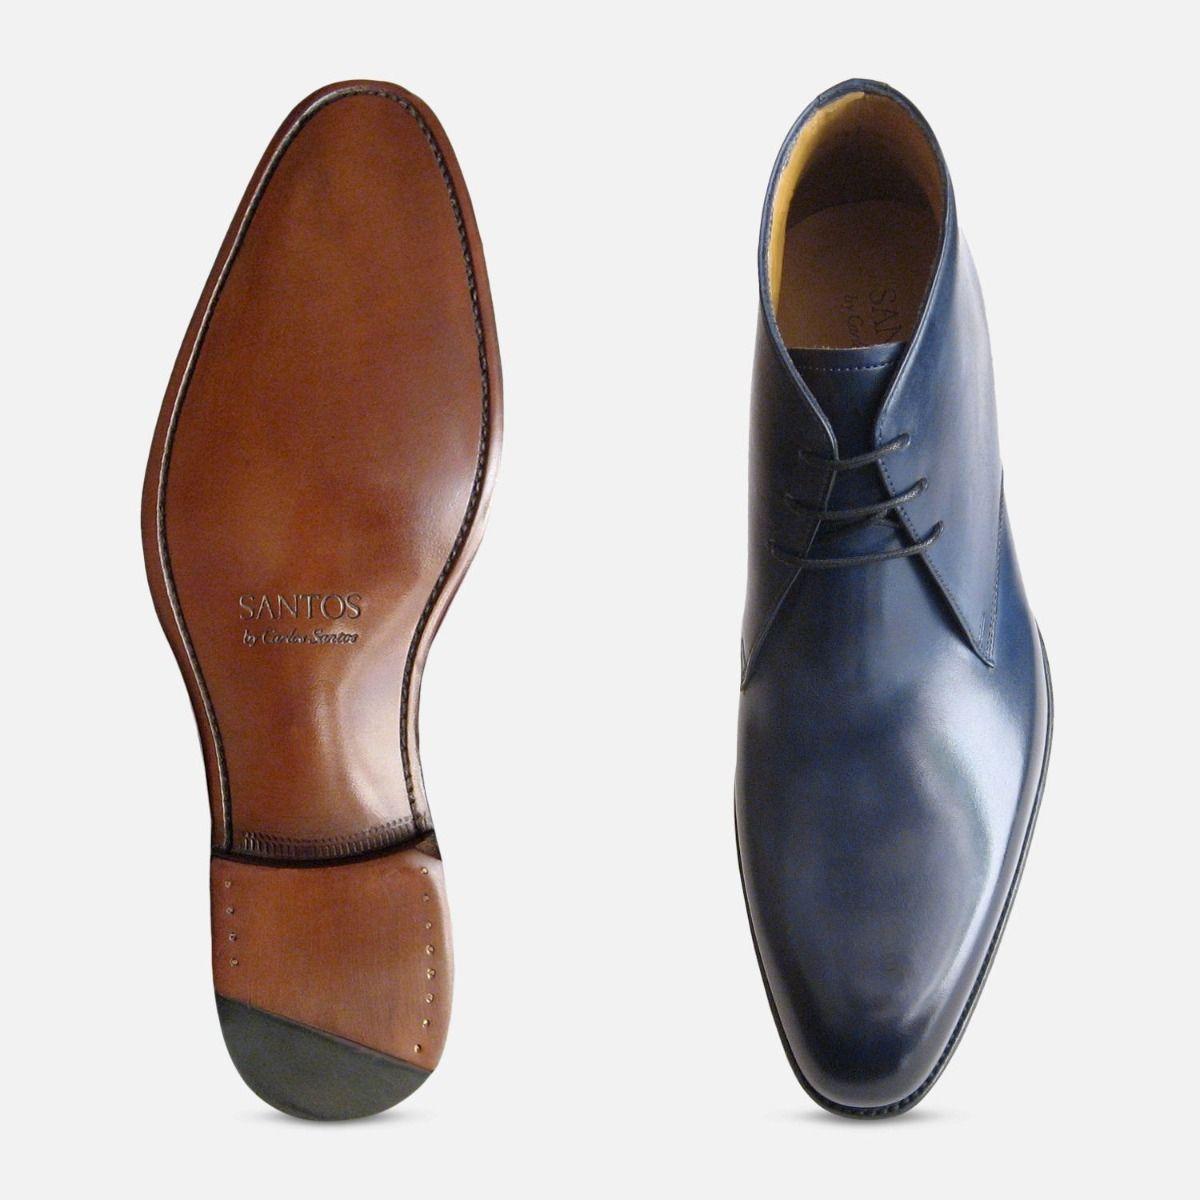 Royal Navy Blue Carlos Santos Chukka Boots